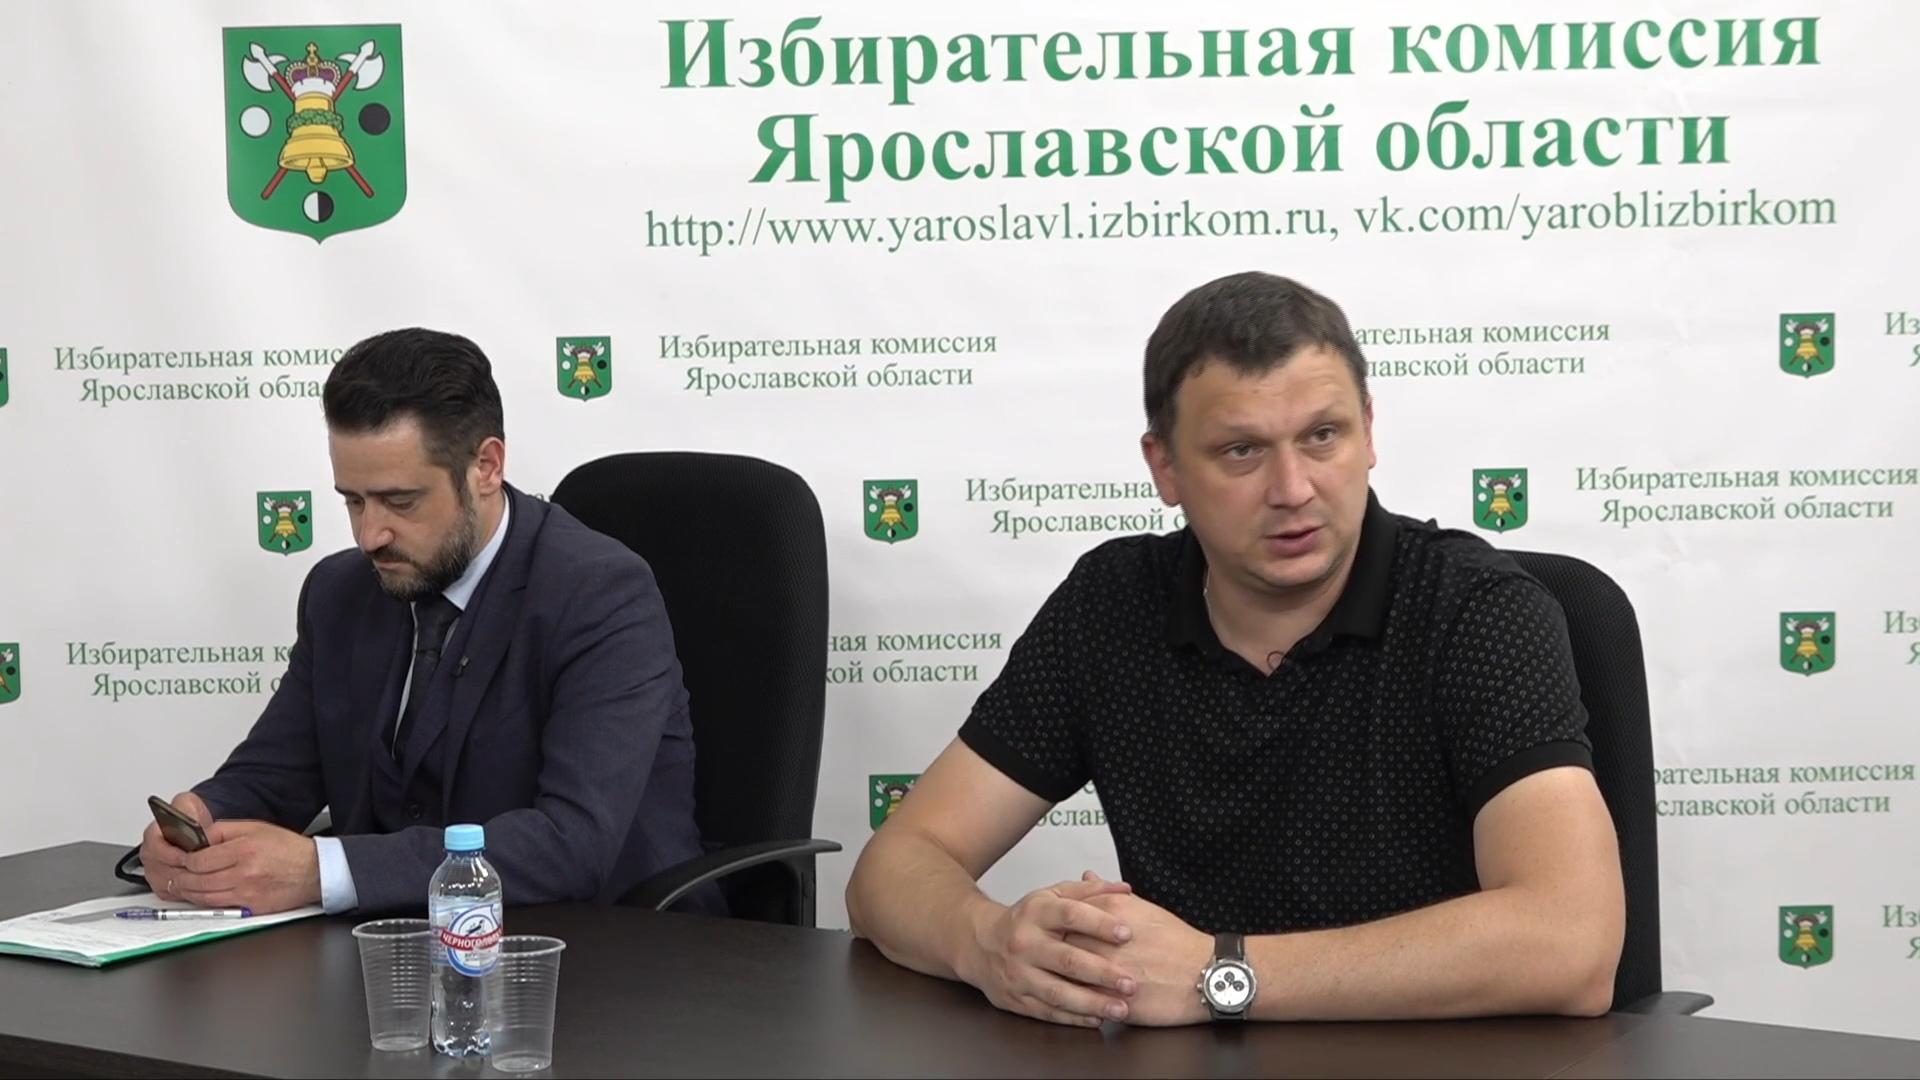 Как работают наблюдатели на всероссийском голосовании: трансляция